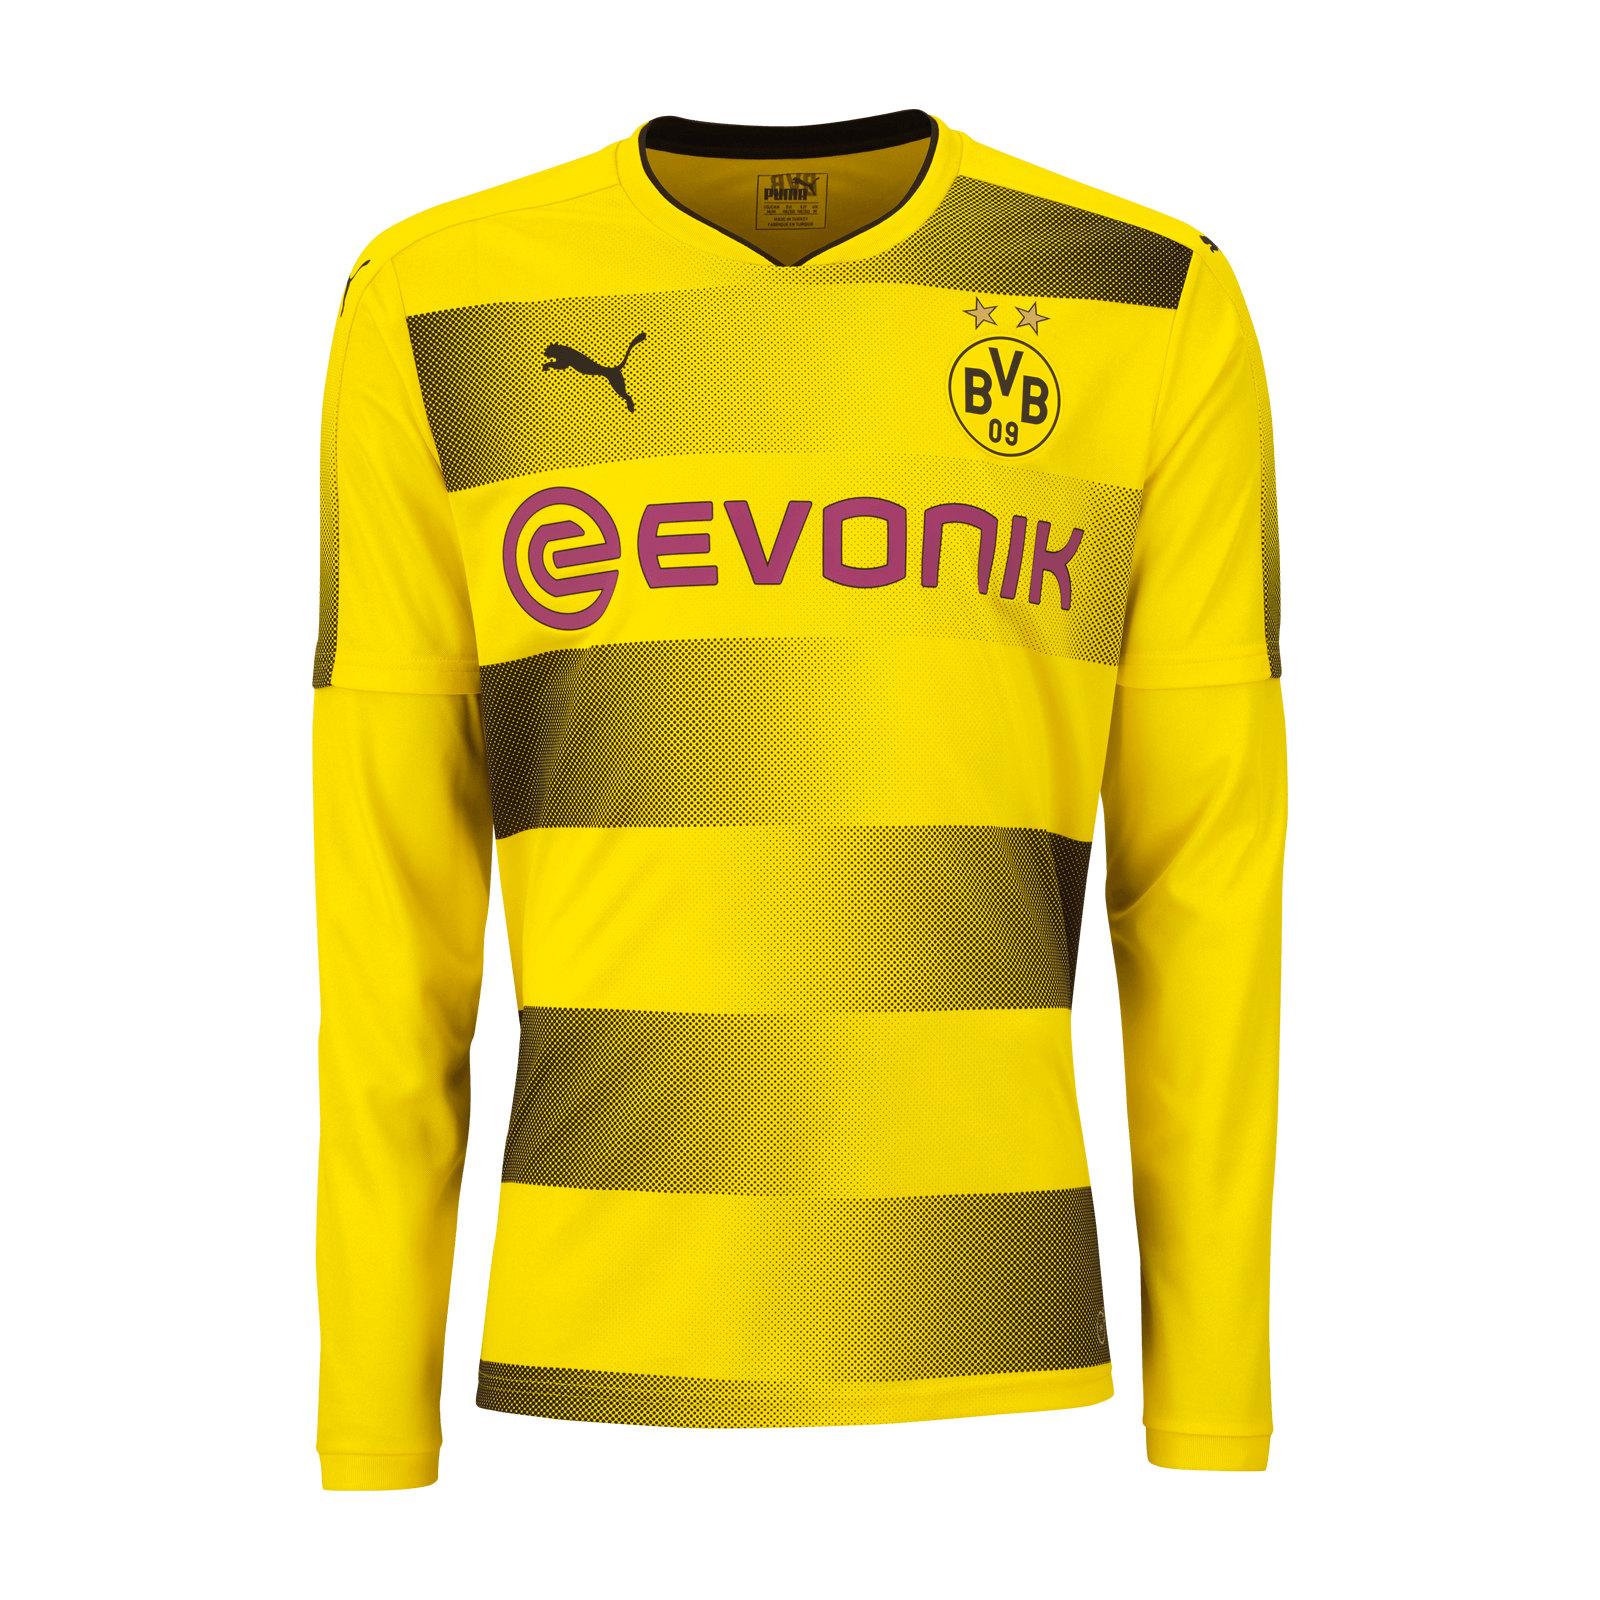 b11a8f847 Borussia Dortmund 2017-18 Puma Home Kit | 17/18 Kits | Football ...